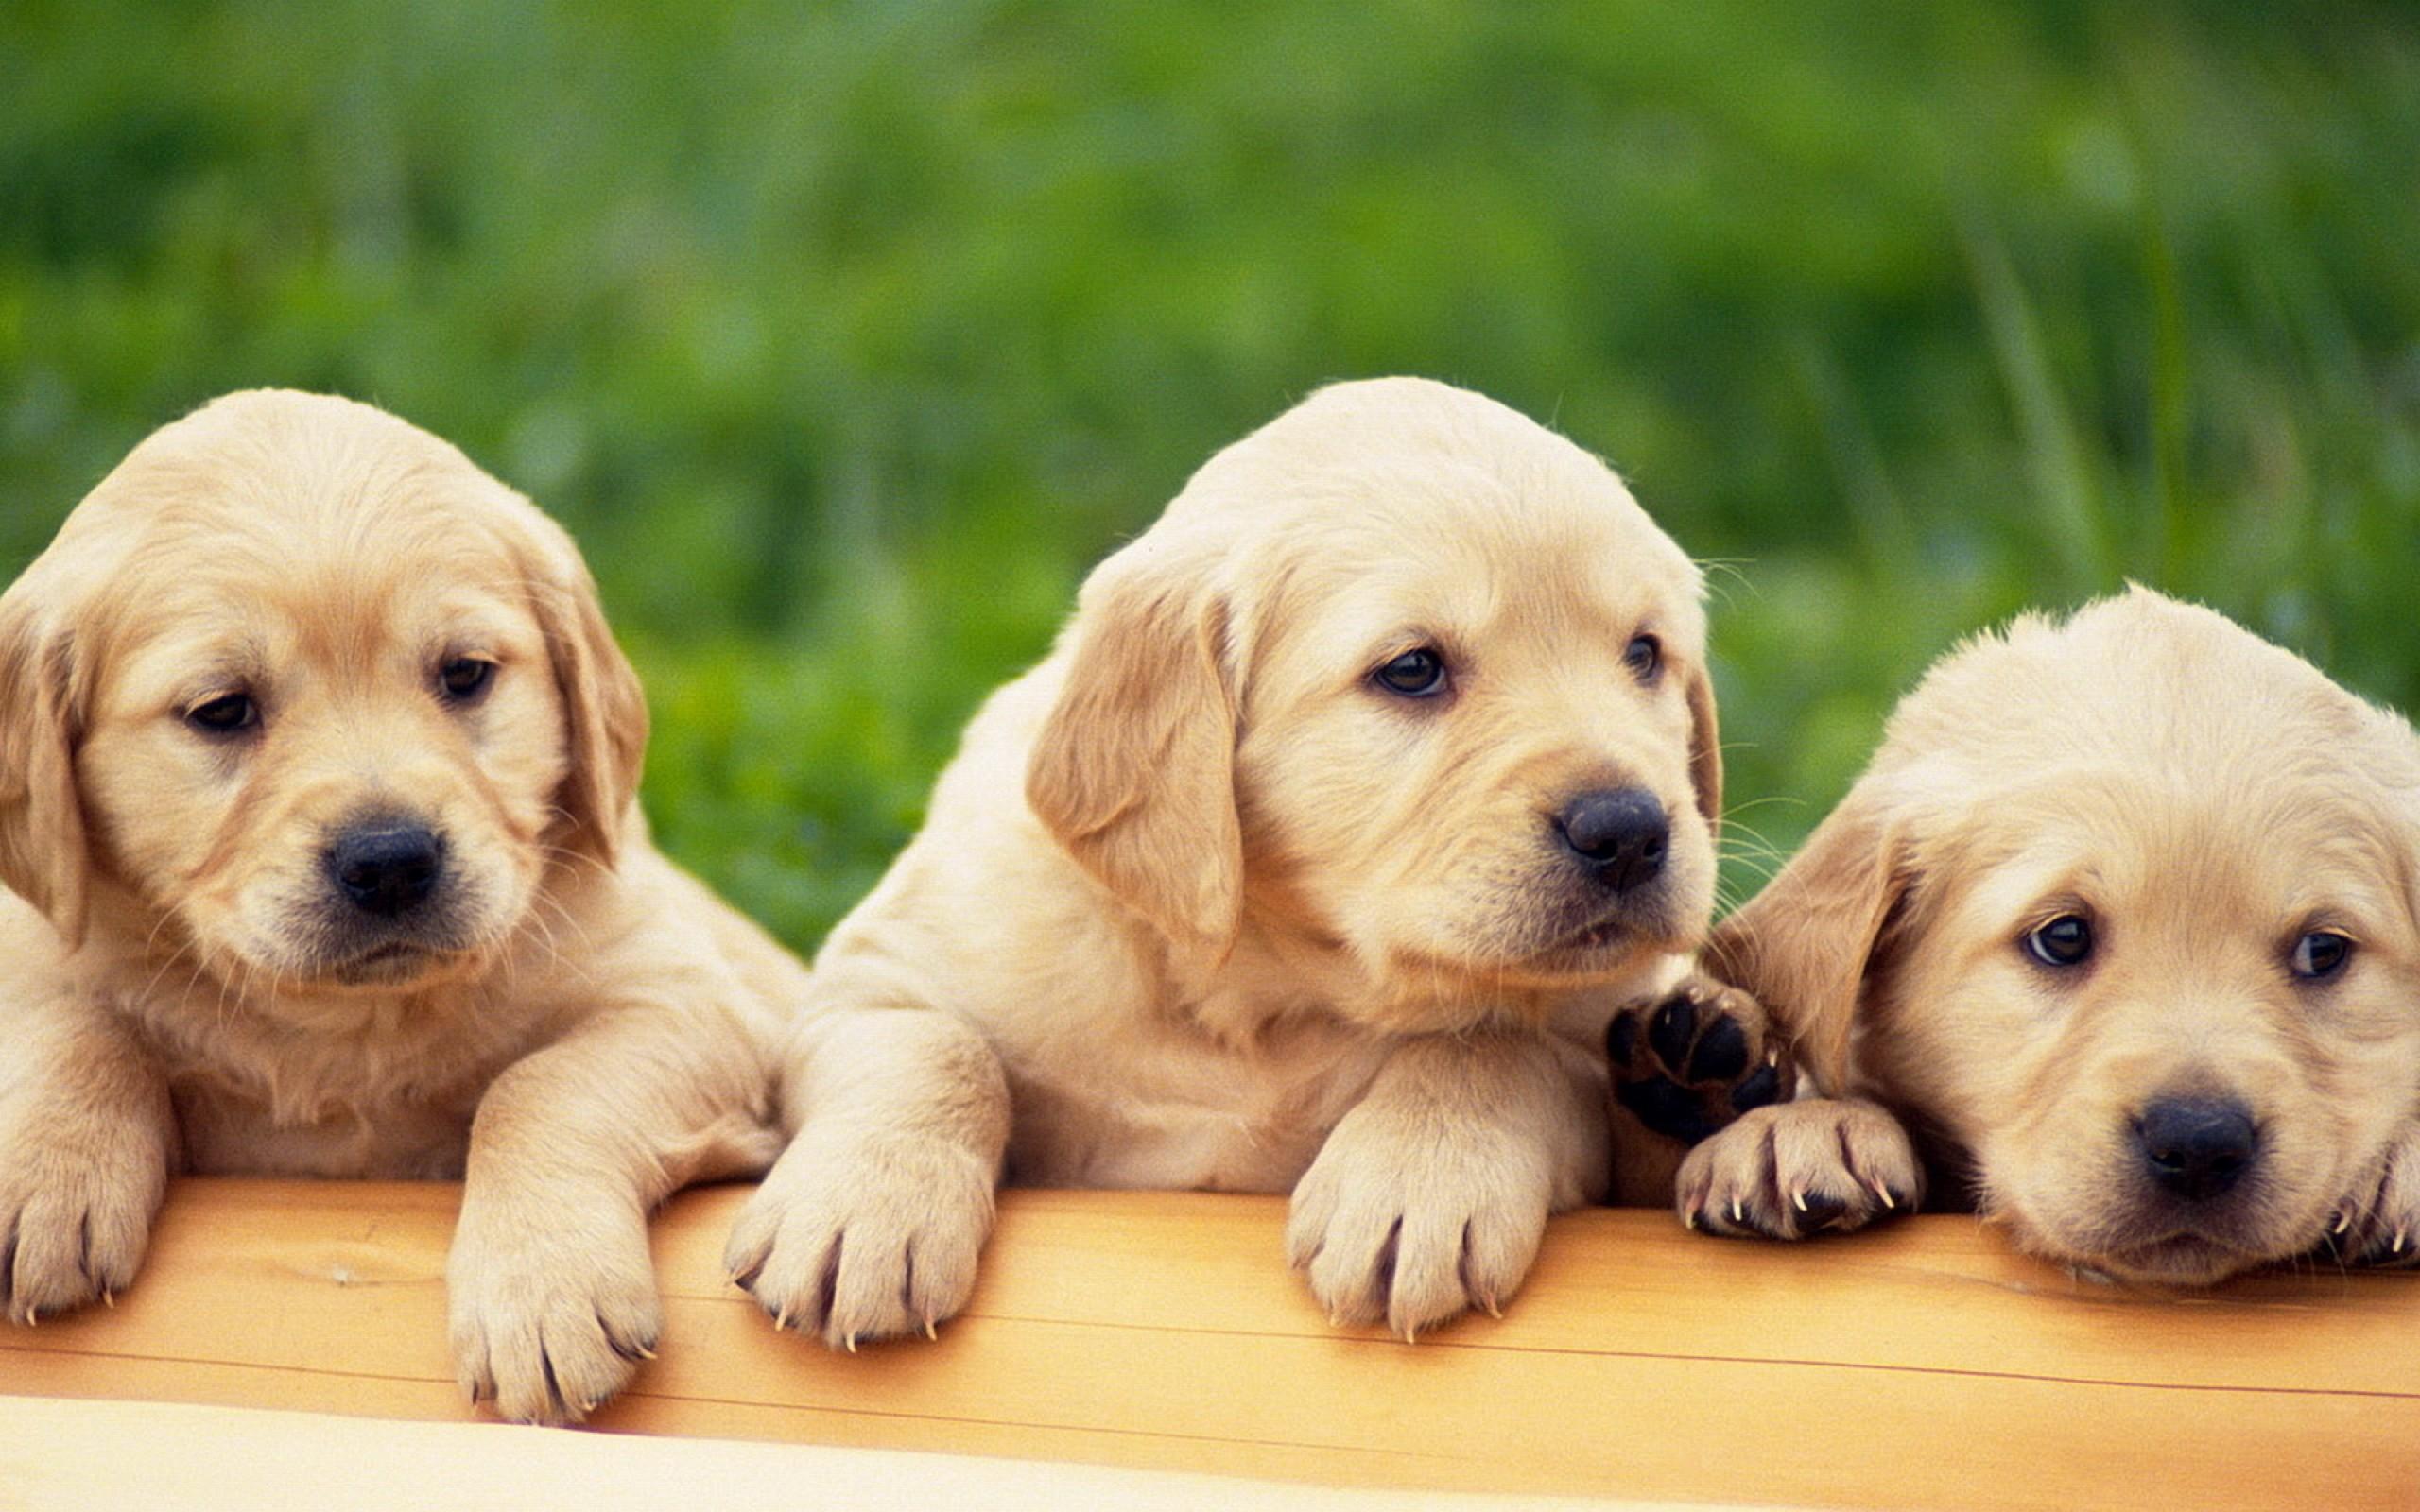 Labrador Puppies Wallpaper   Download Wallpaper Nature 2560x1600